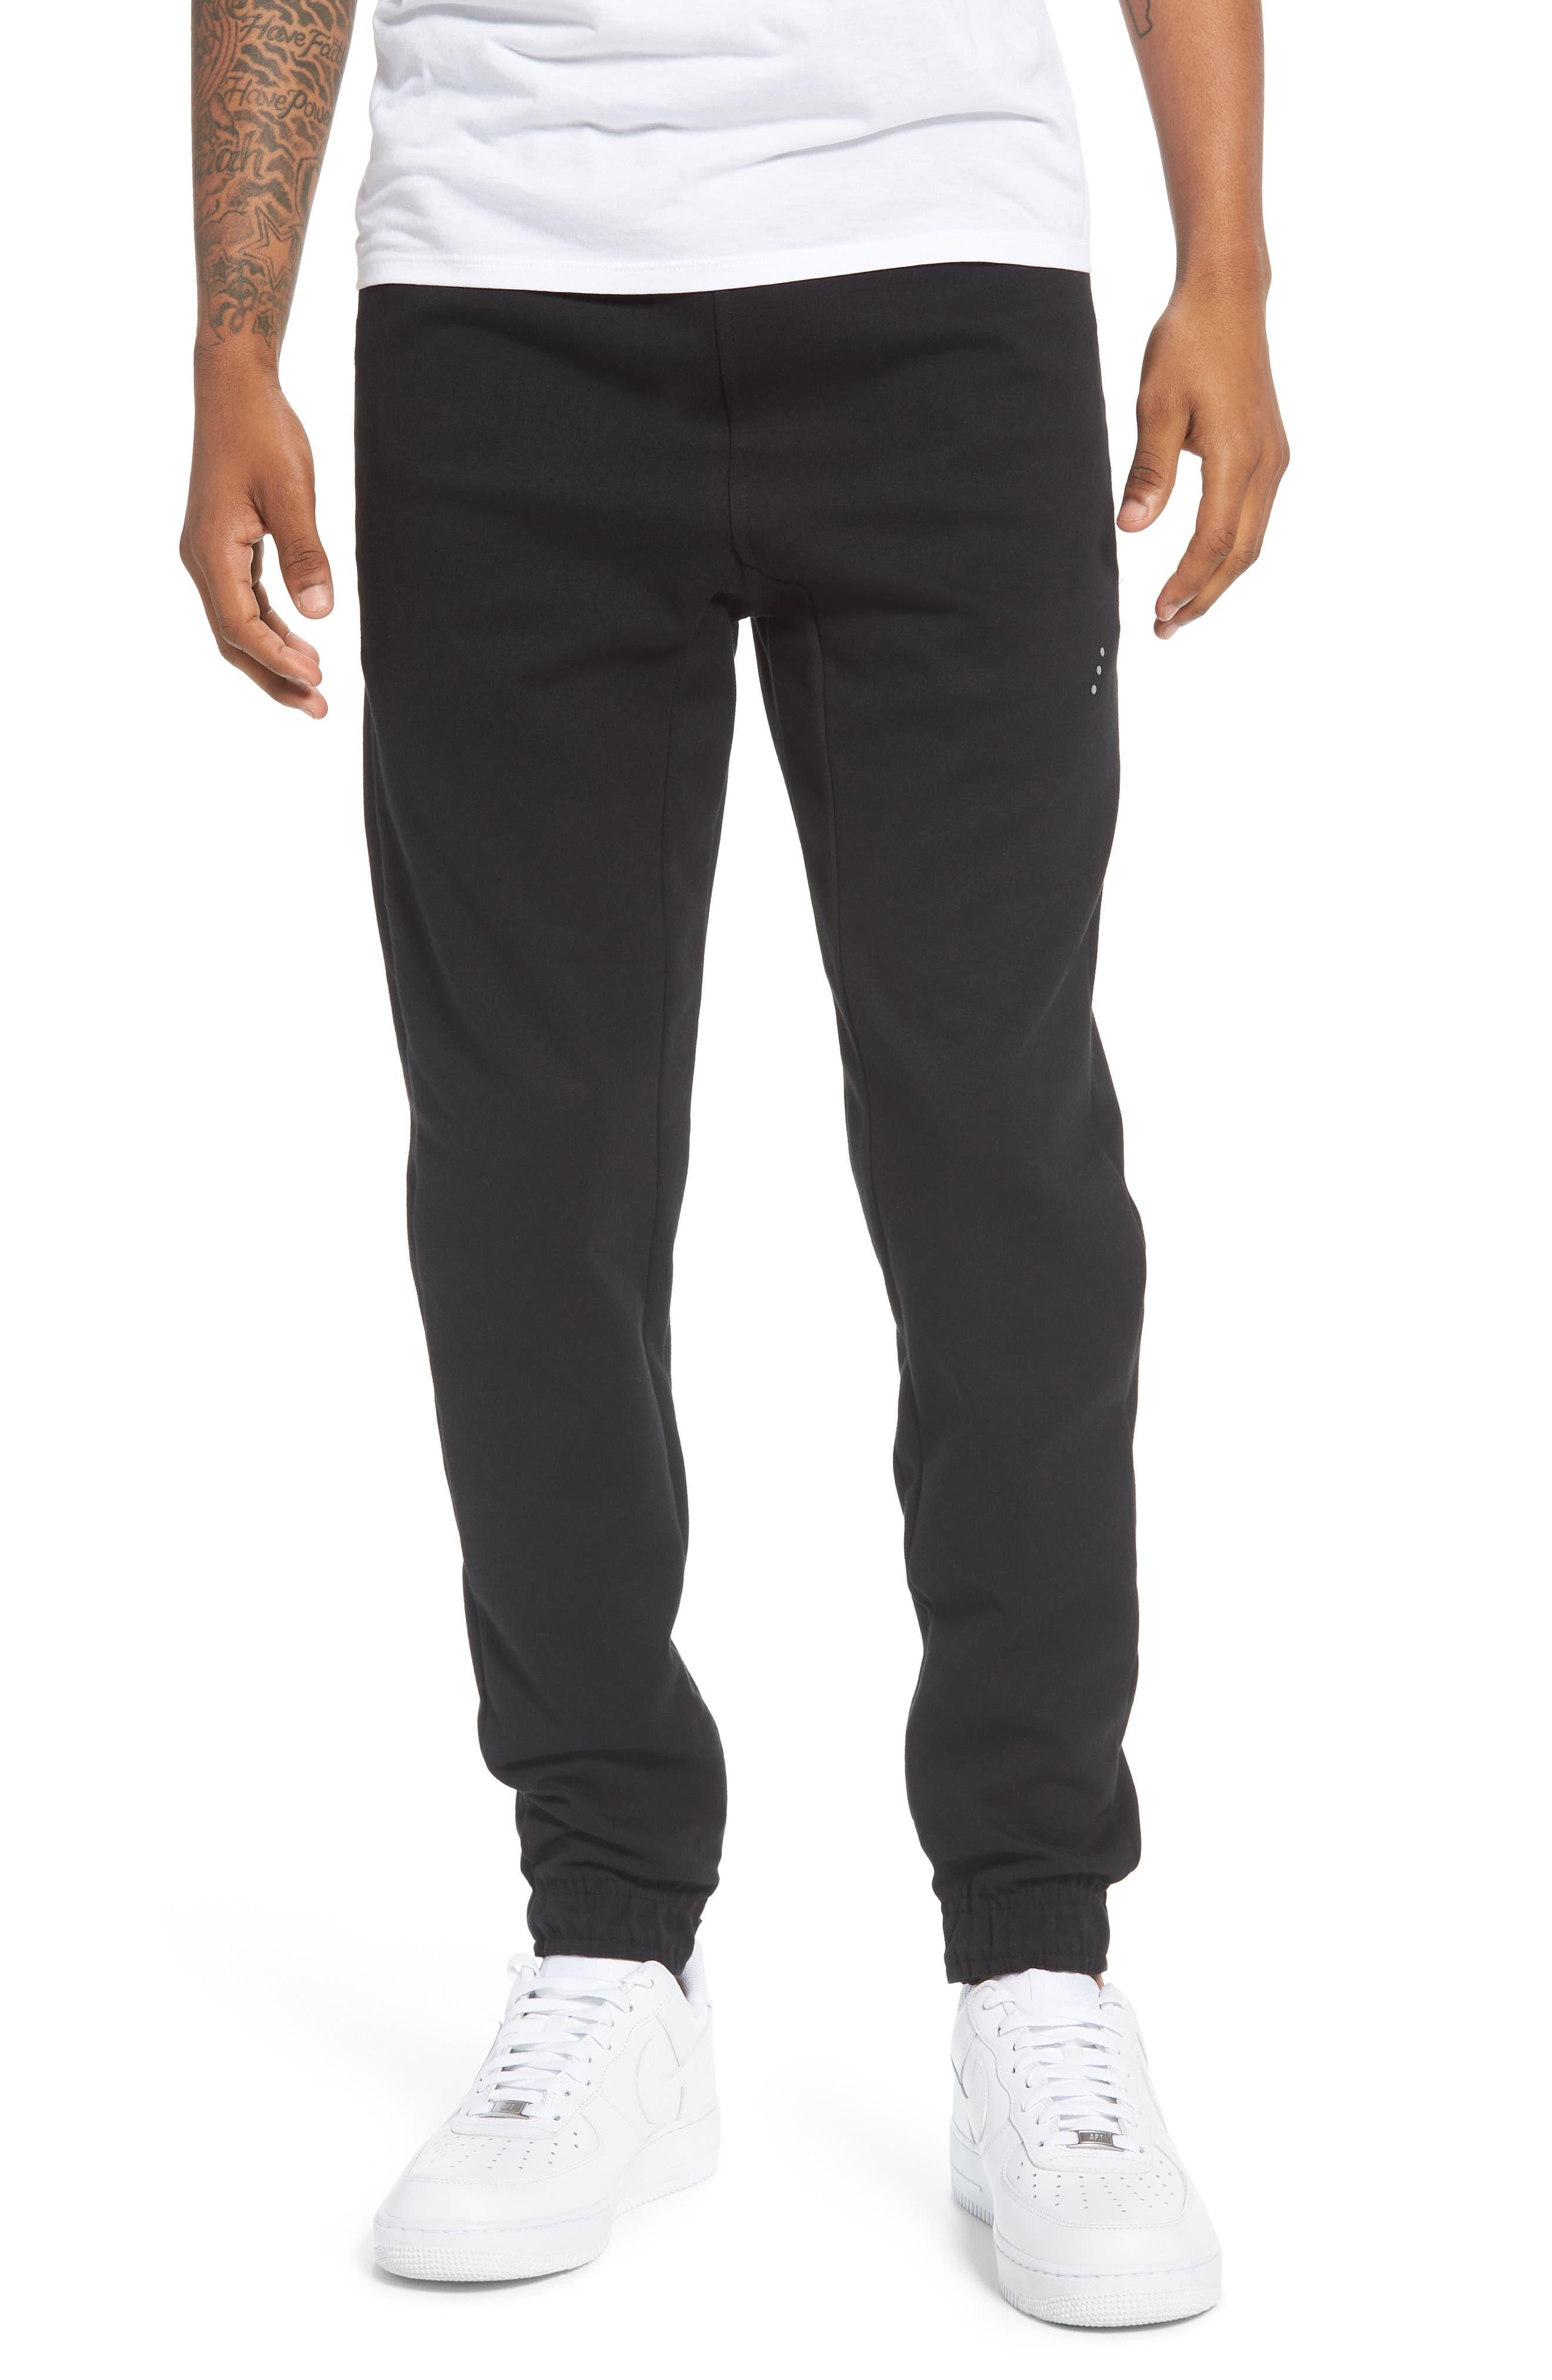 Tech Track Pants,                         Main,                         color, Black